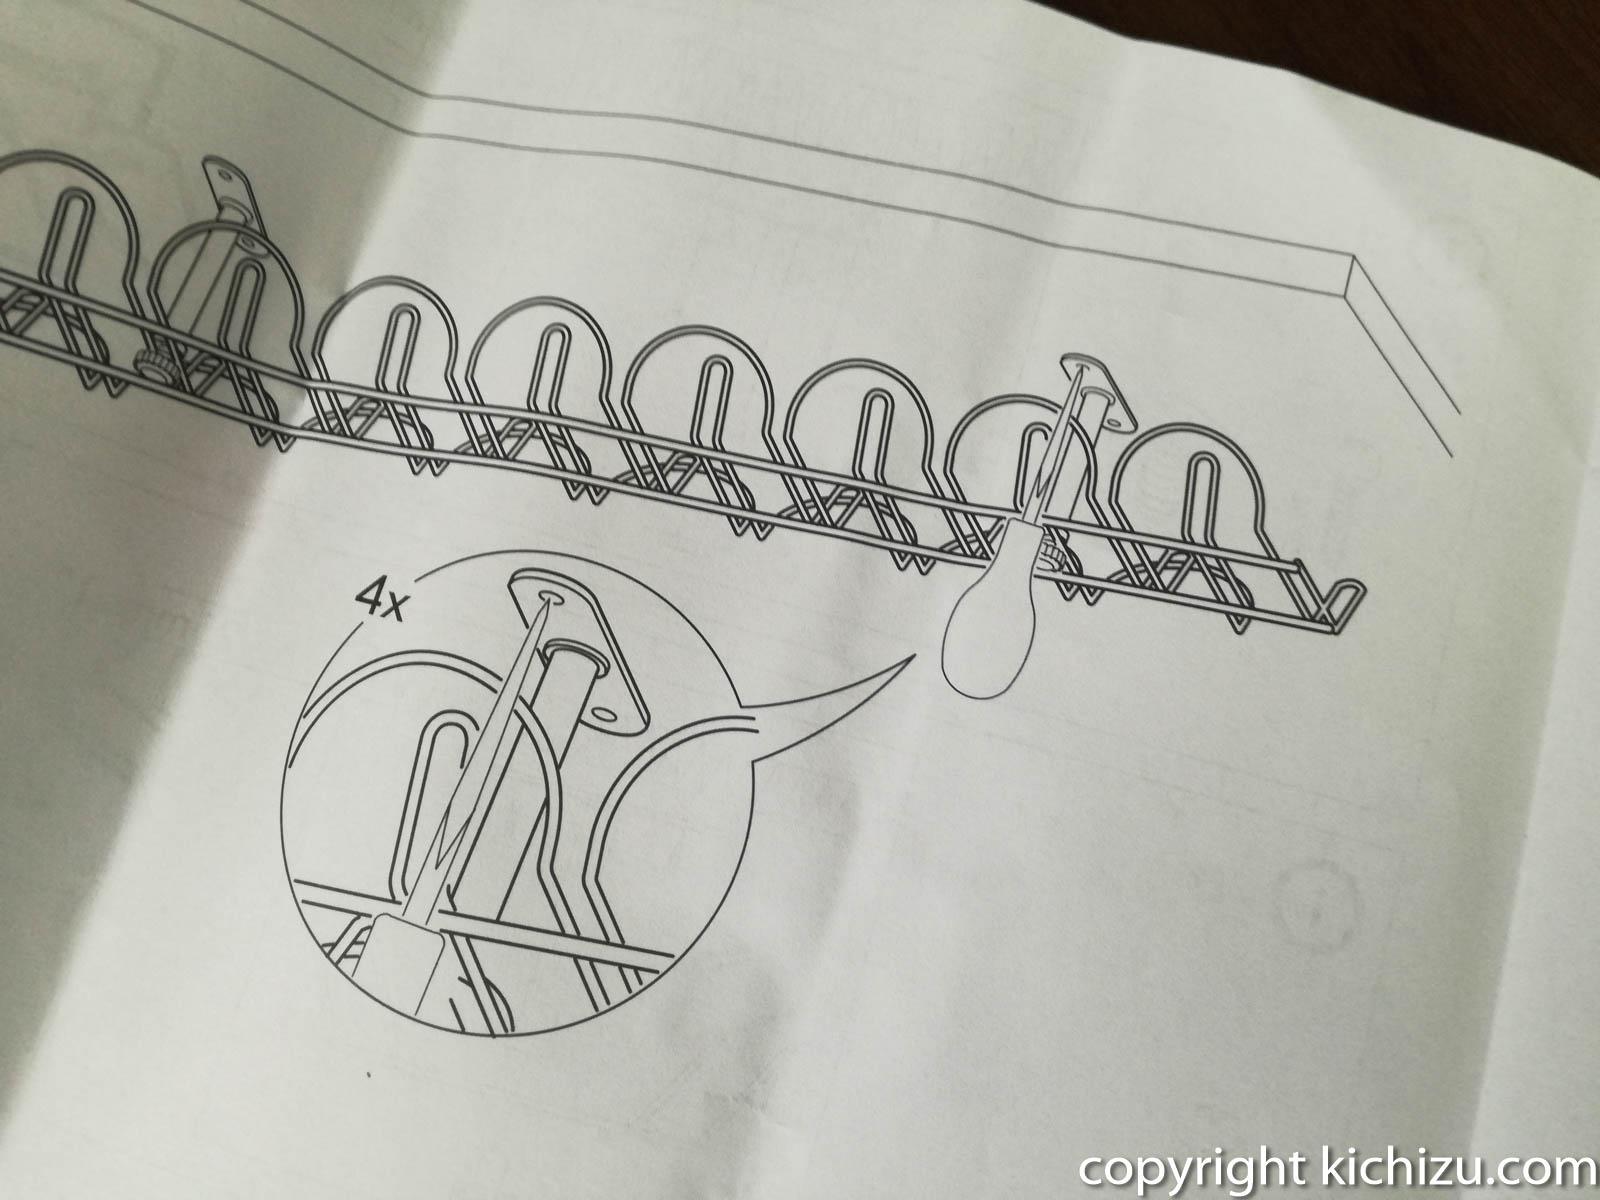 IKEAのケーブルオーガナイザーの説明書